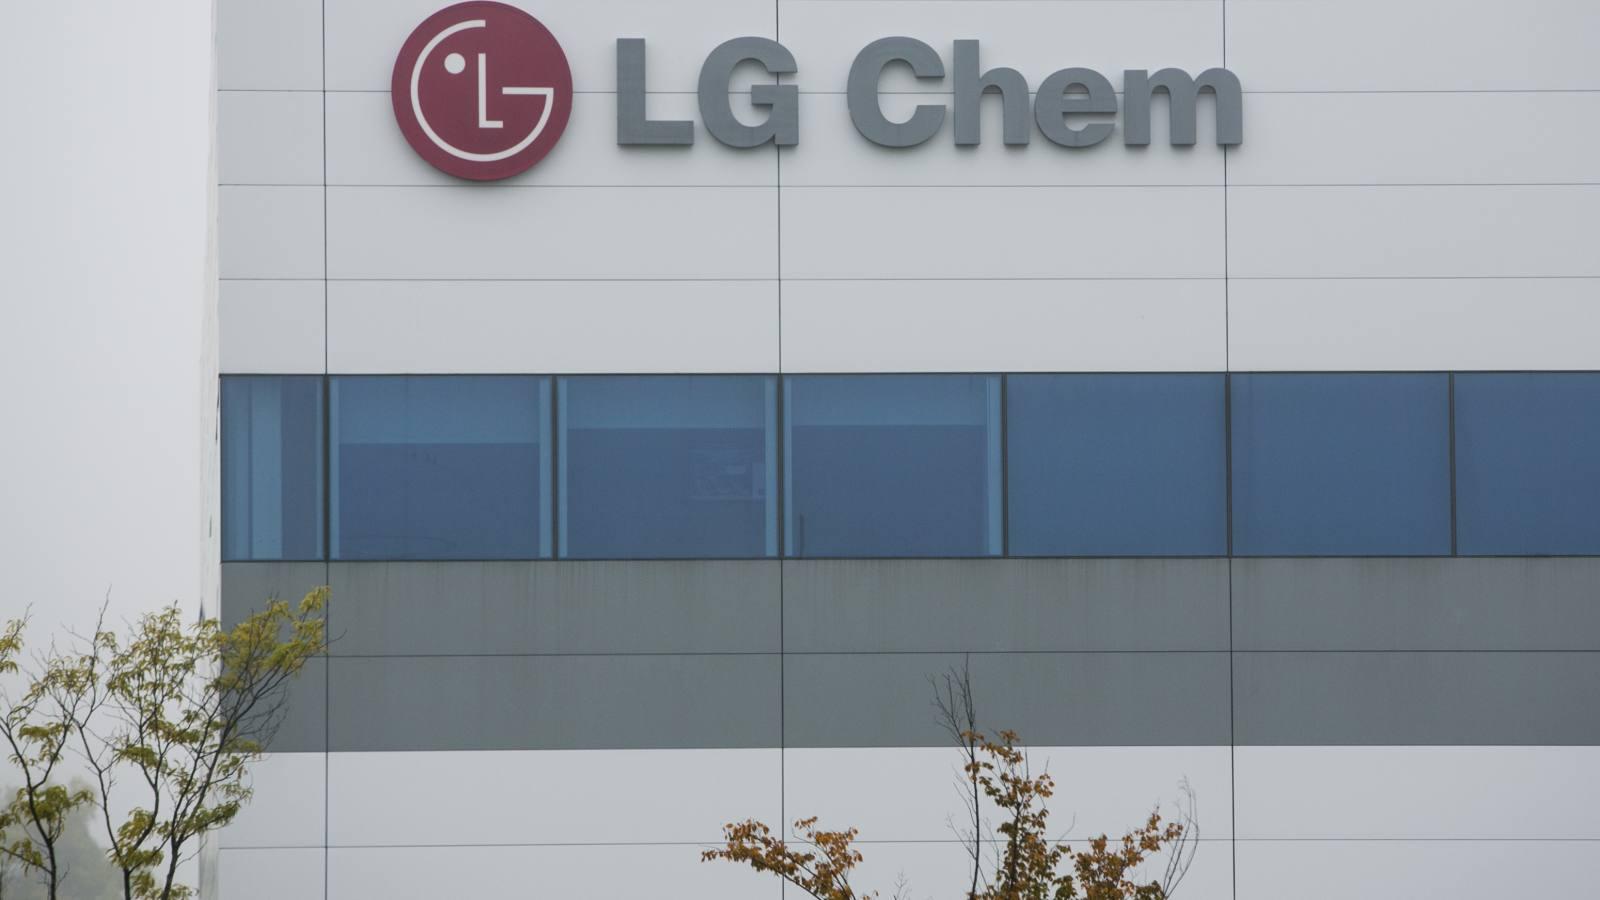 LG Chem, ABD'li Özel Yapıştırıcılar ve Sızdırmazlık Ürünleri Üreticisi Uniseal'i Satın Aldı